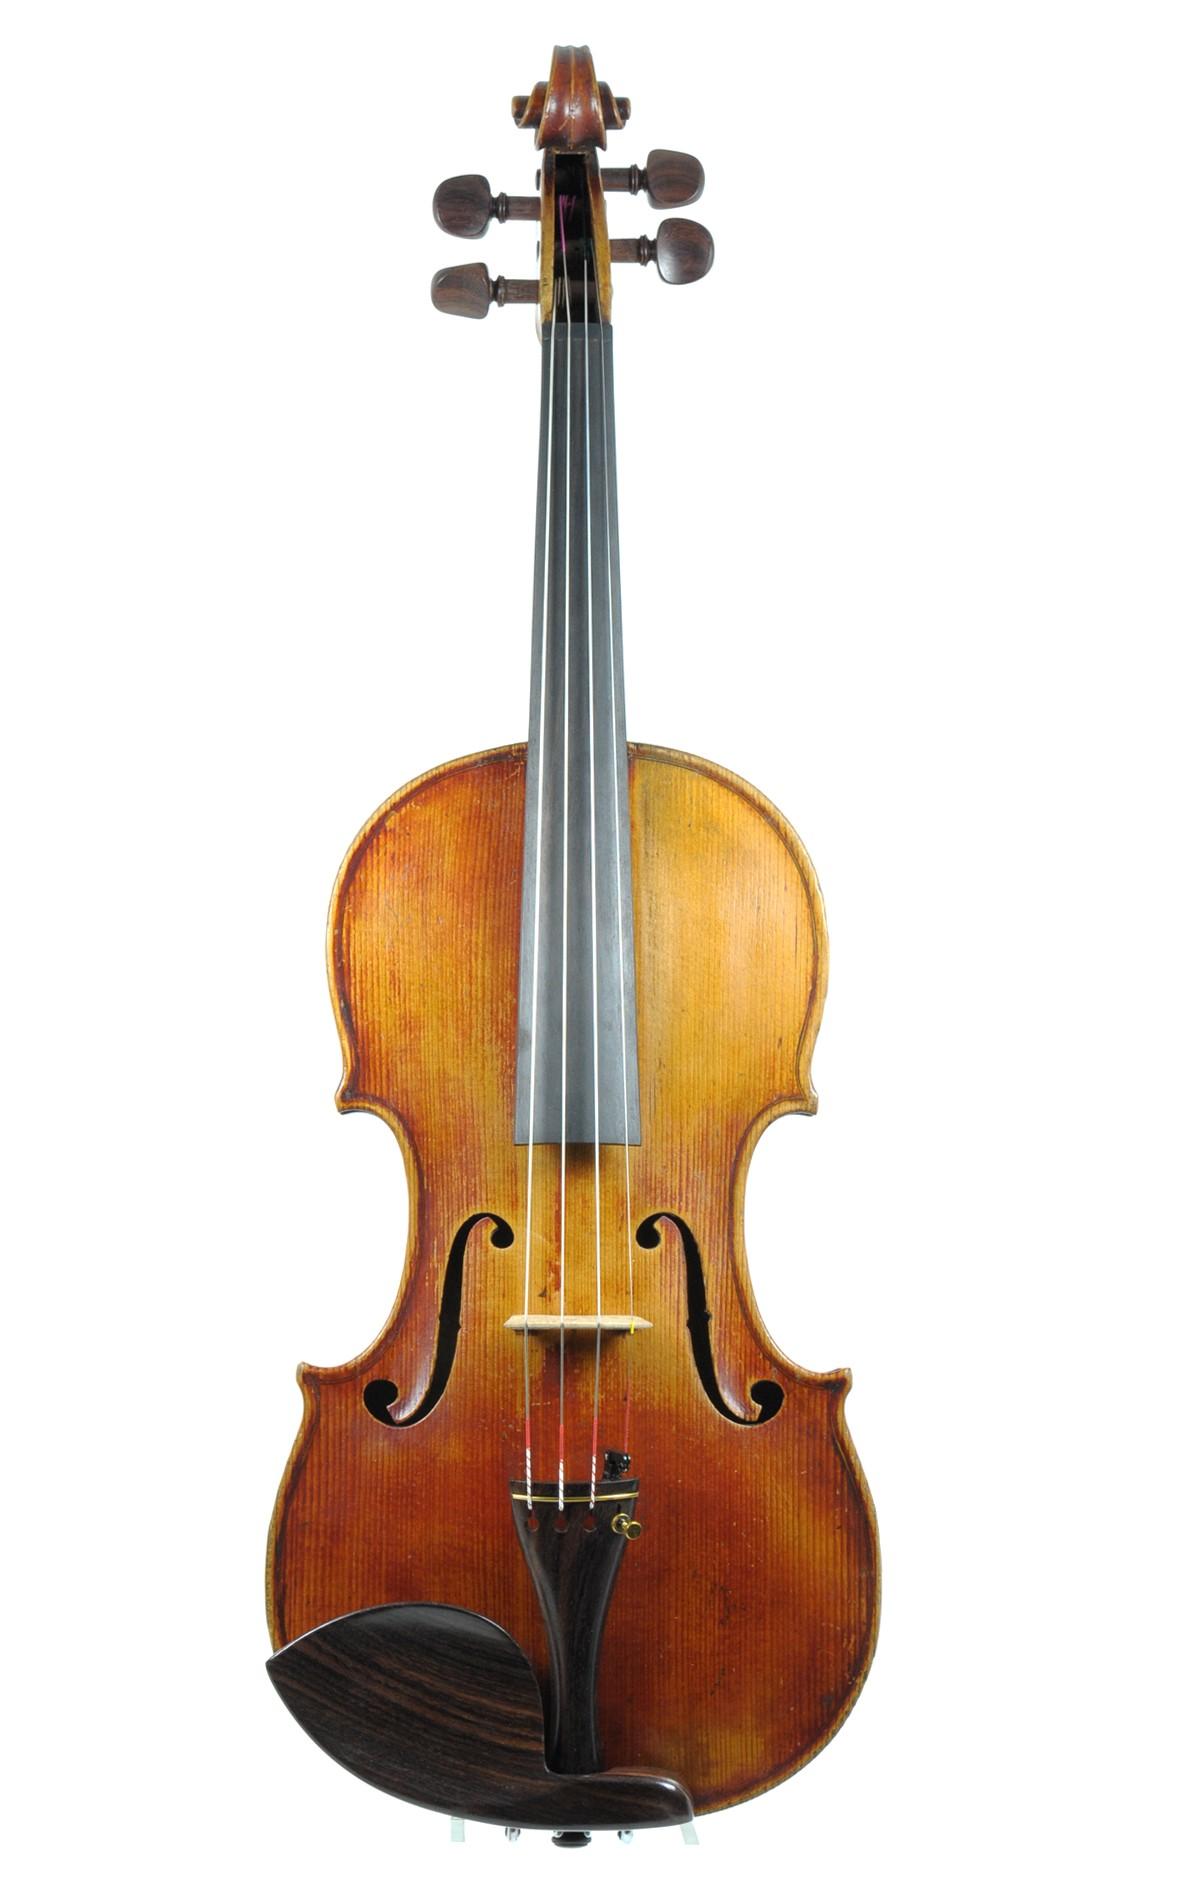 Charotte Pere Mirecourt violin - top